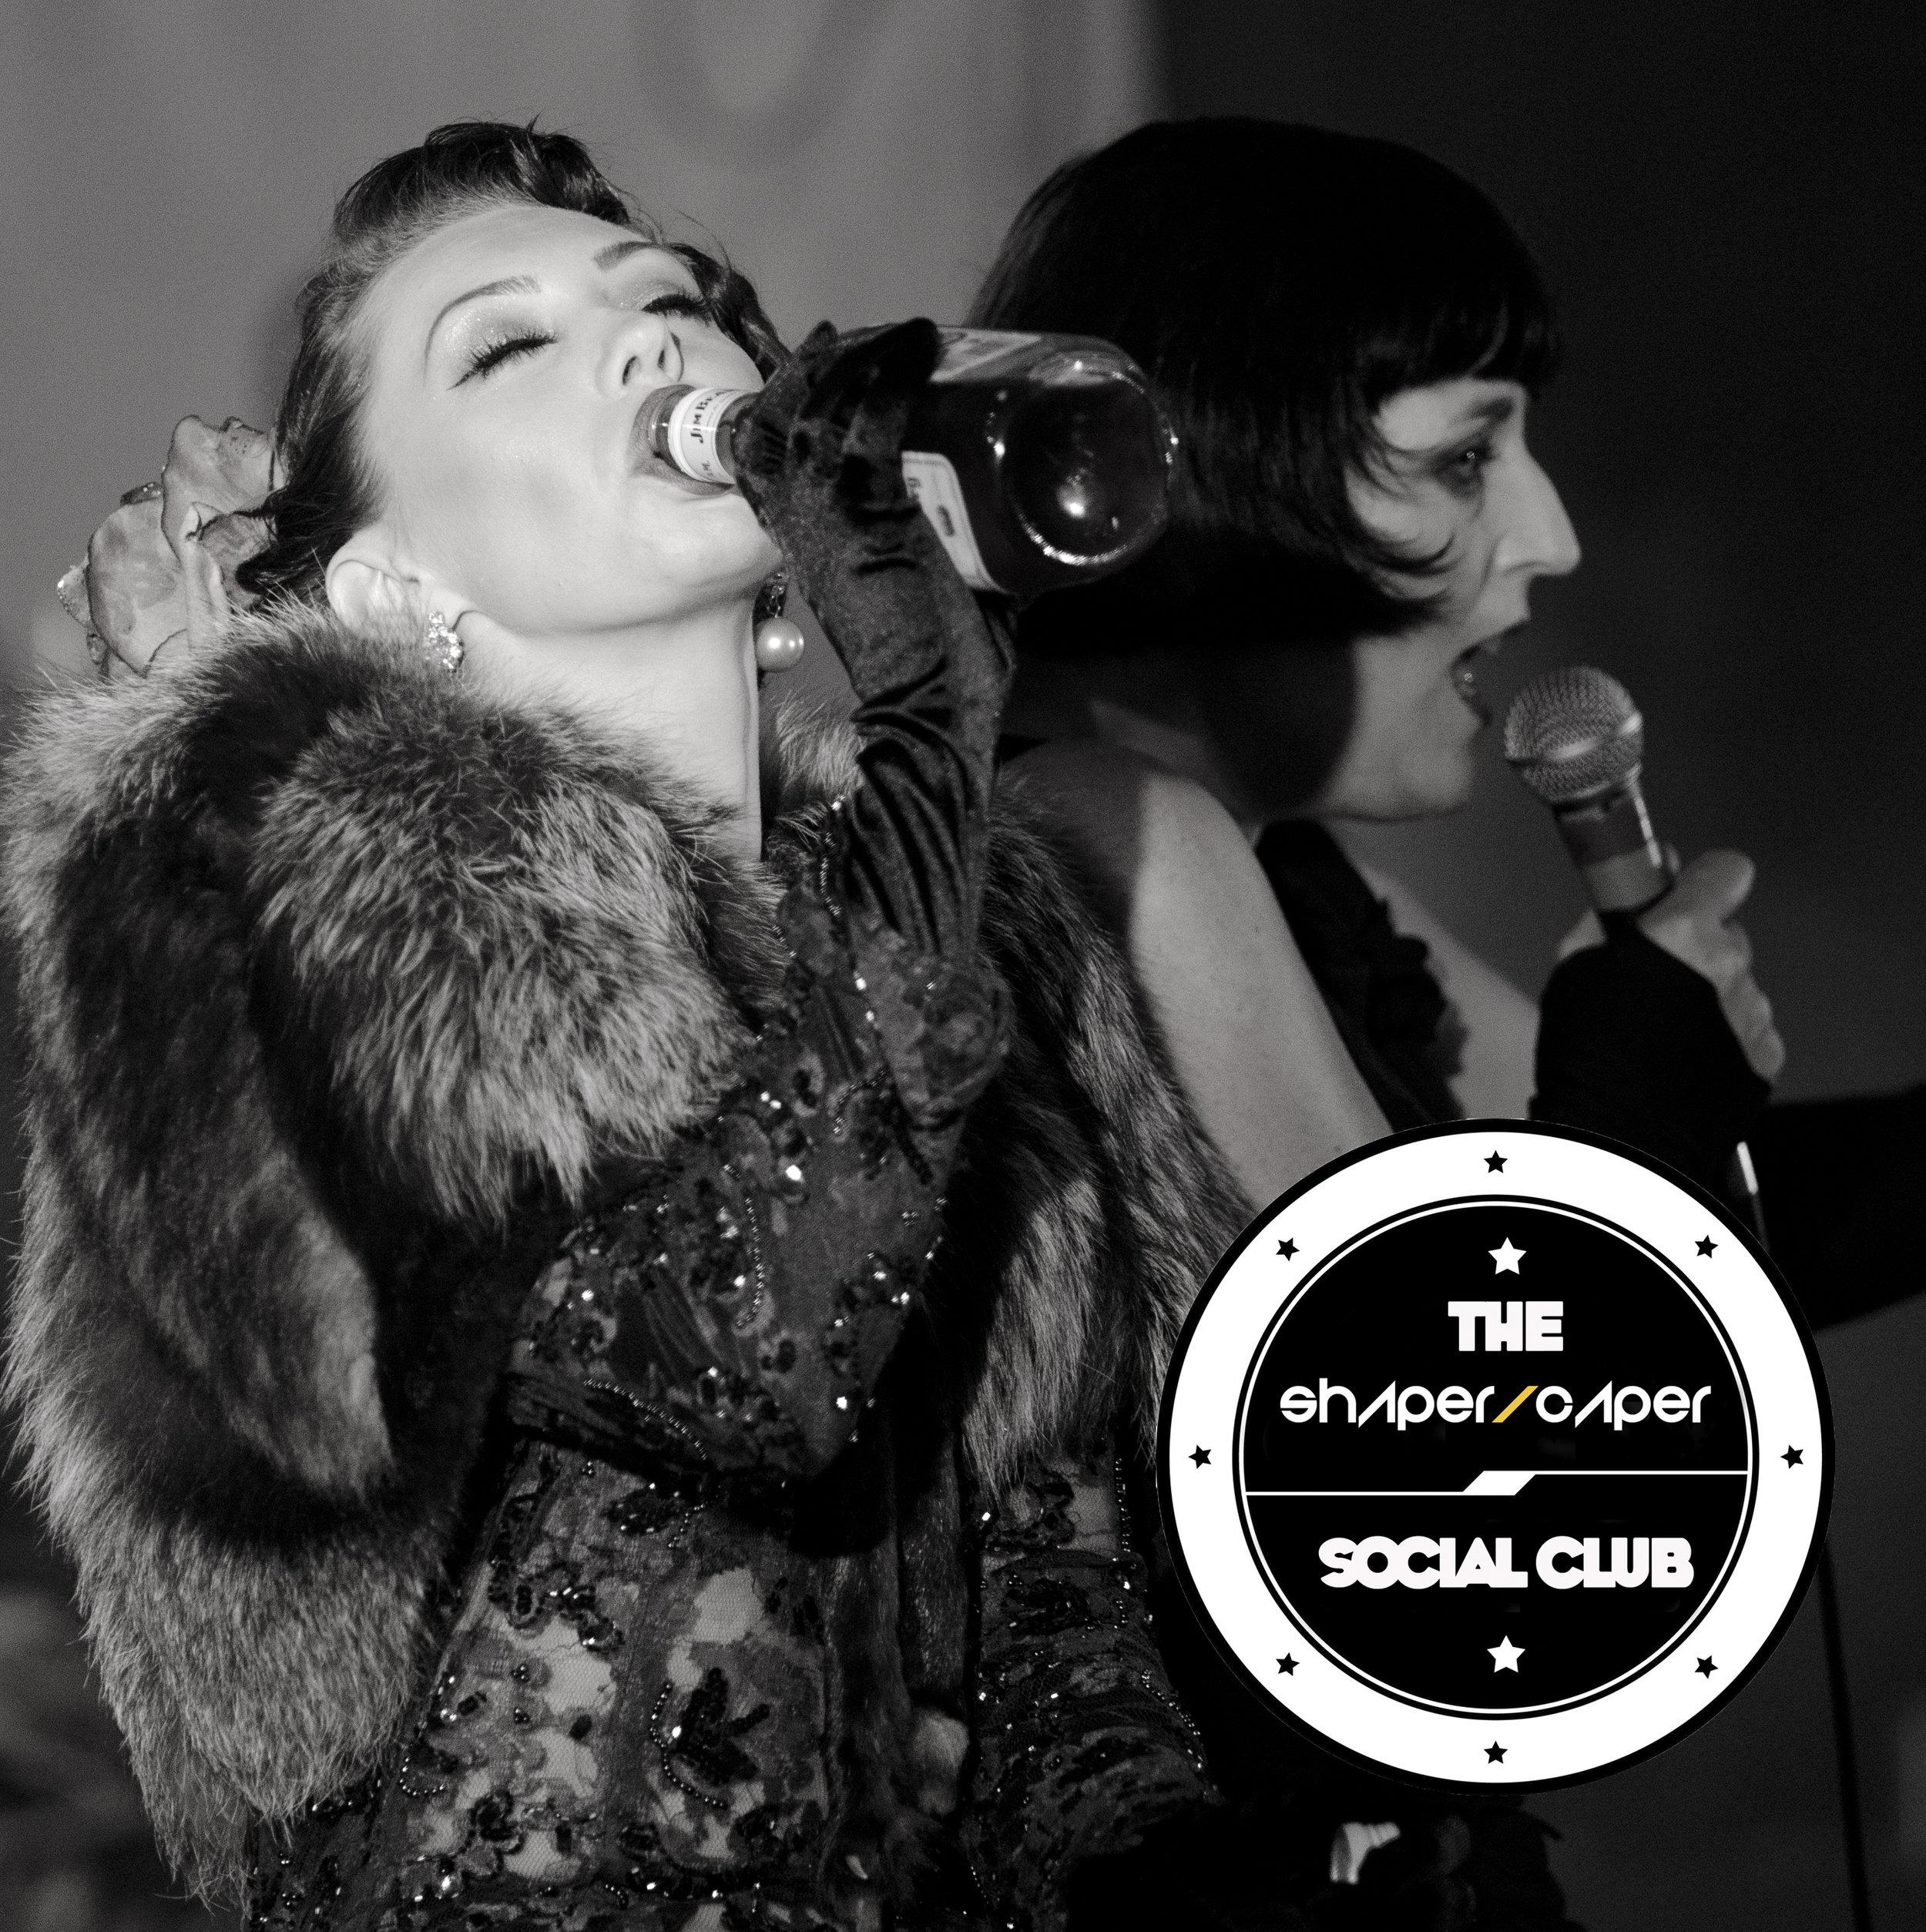 social club2.jpg